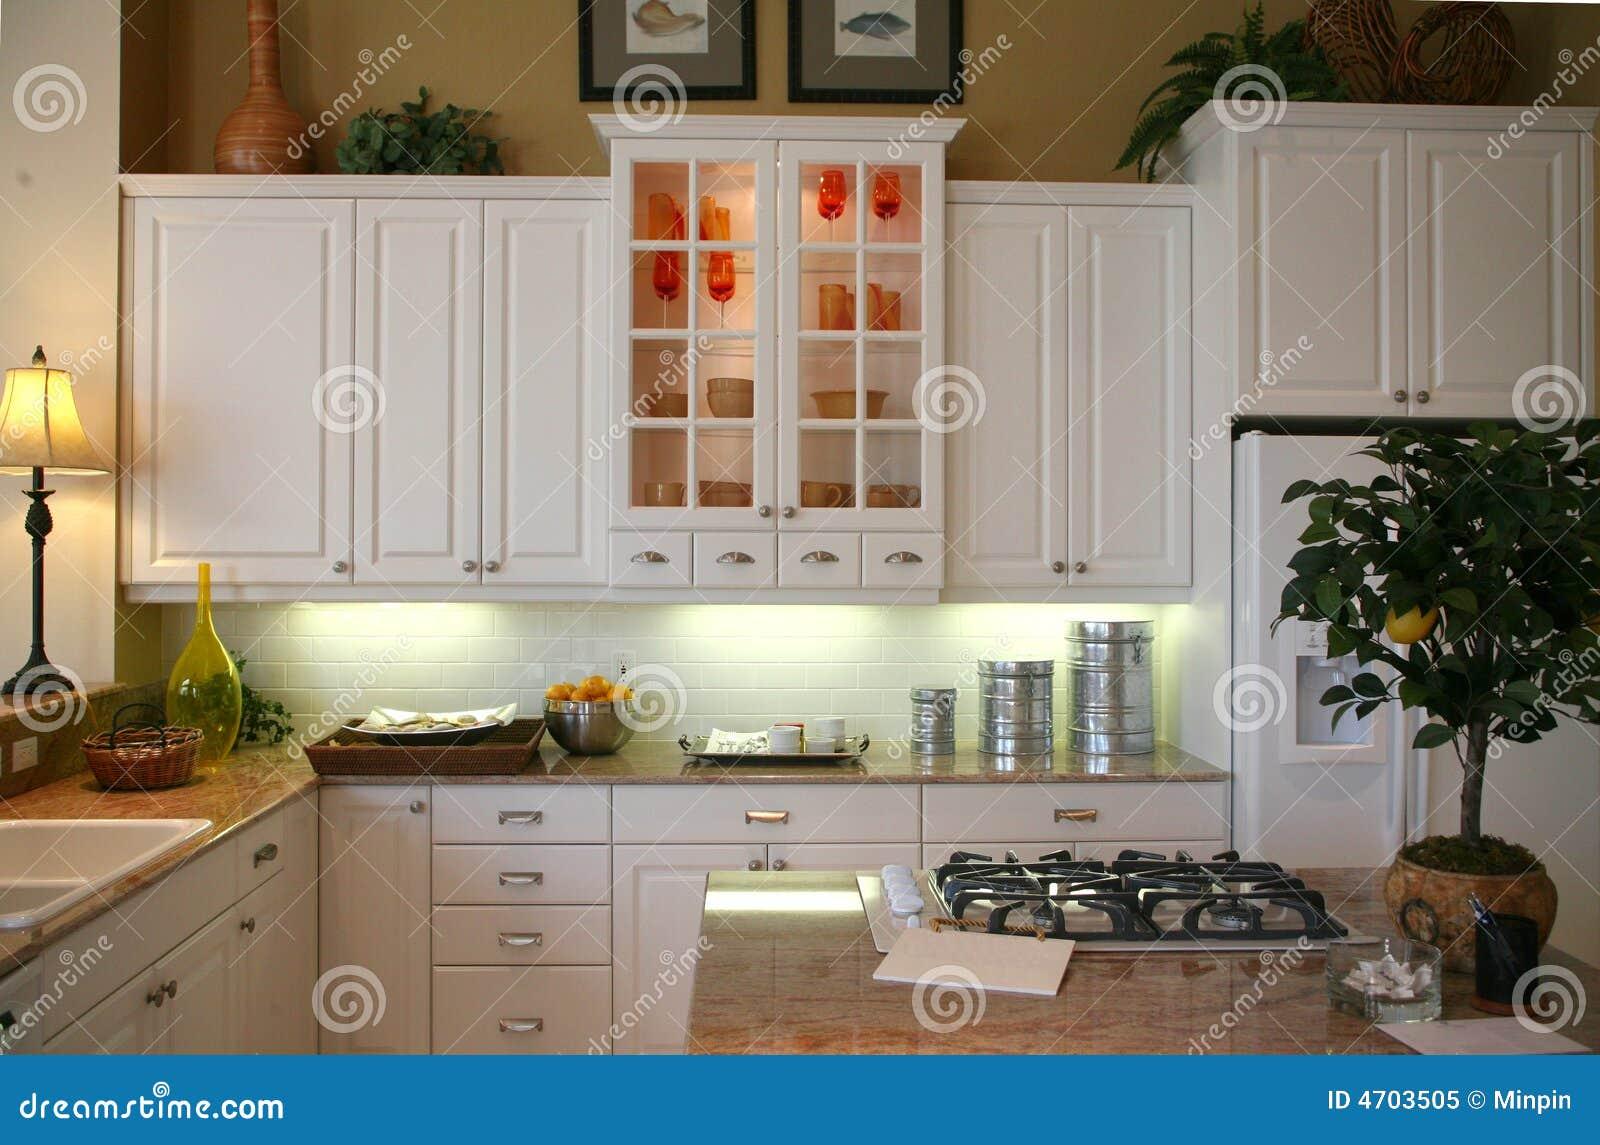 cozinha remodelada com de madeira branco gabinetes gás fogão  #82A229 1300 947